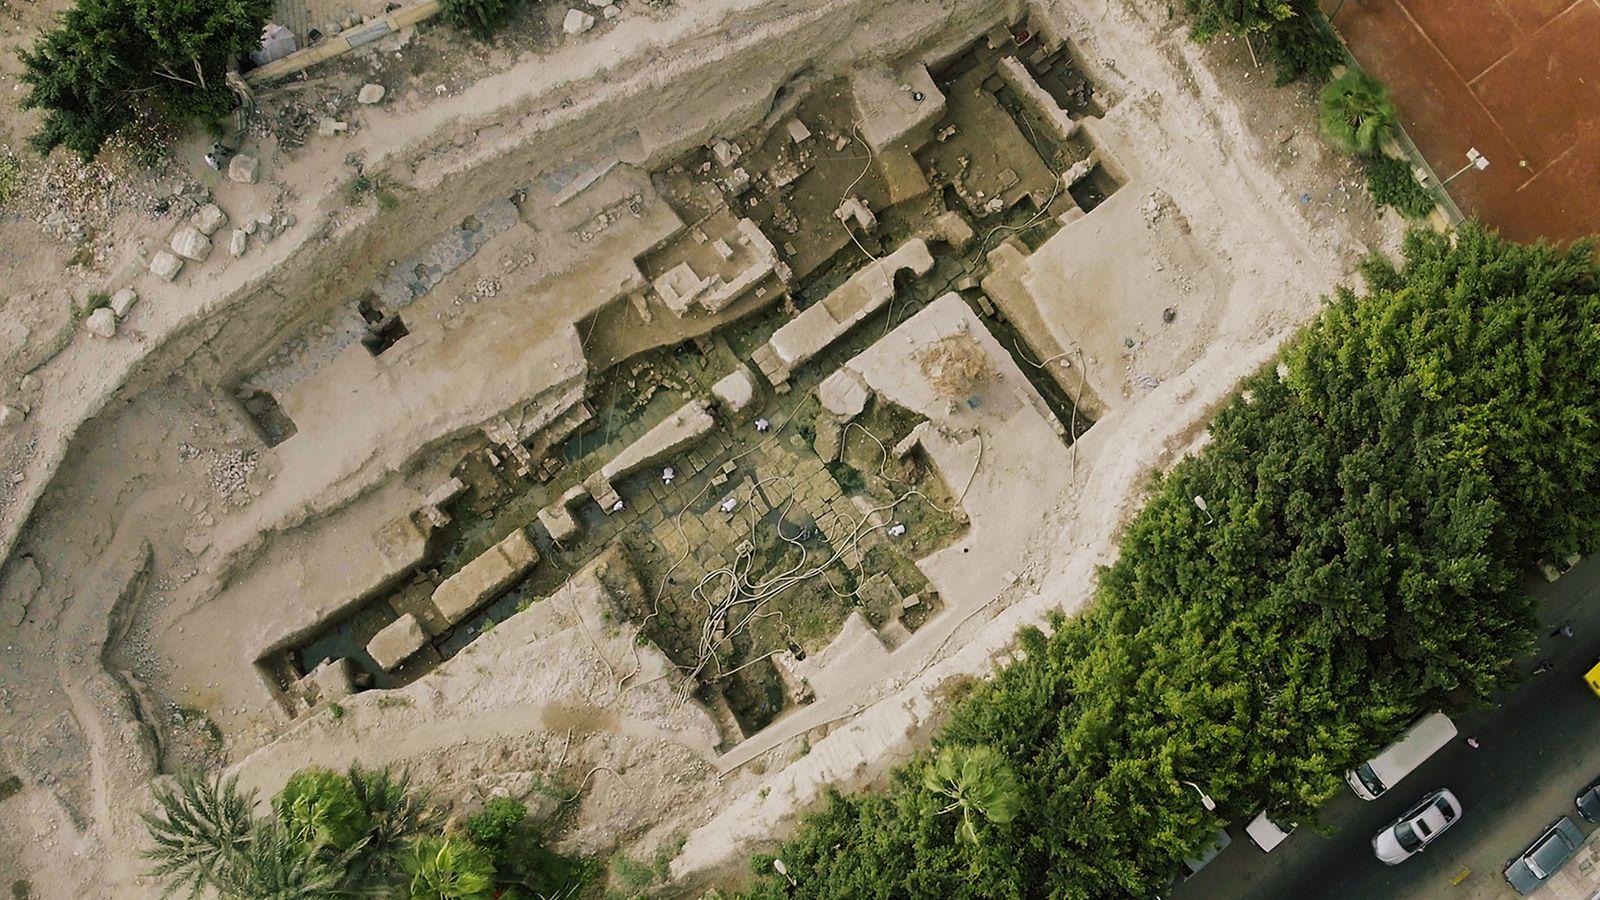 Enterrés et oubliés pendant des siècles, les murs de fondation d'un édifice monumental datant de l'époque ...